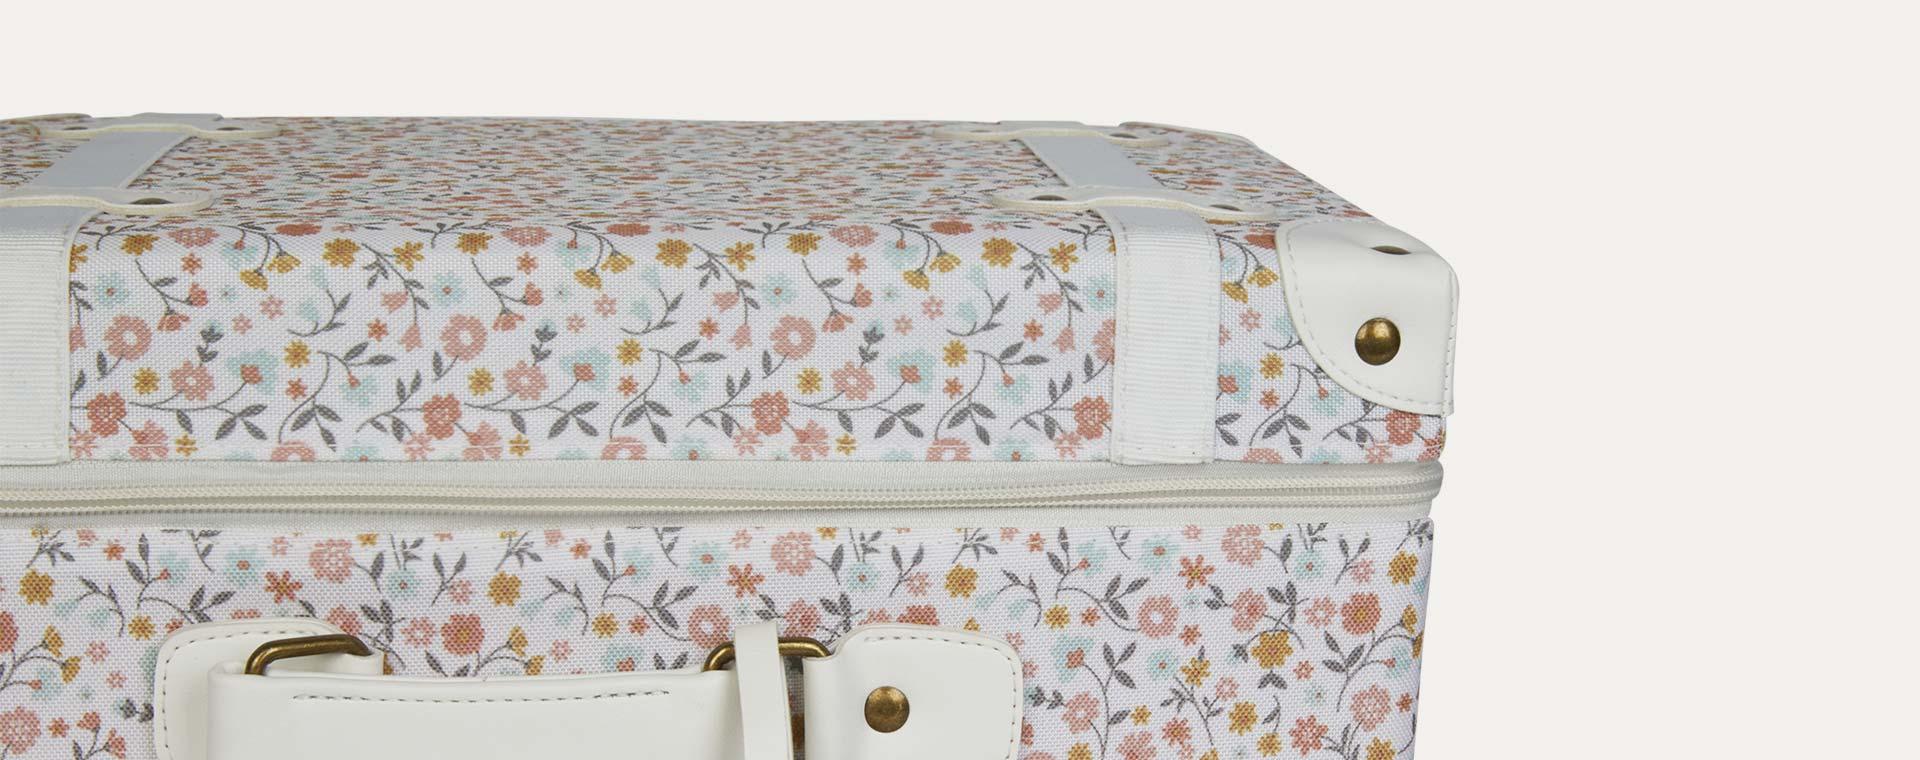 Floral Olli Ella See-Ya Suitcase